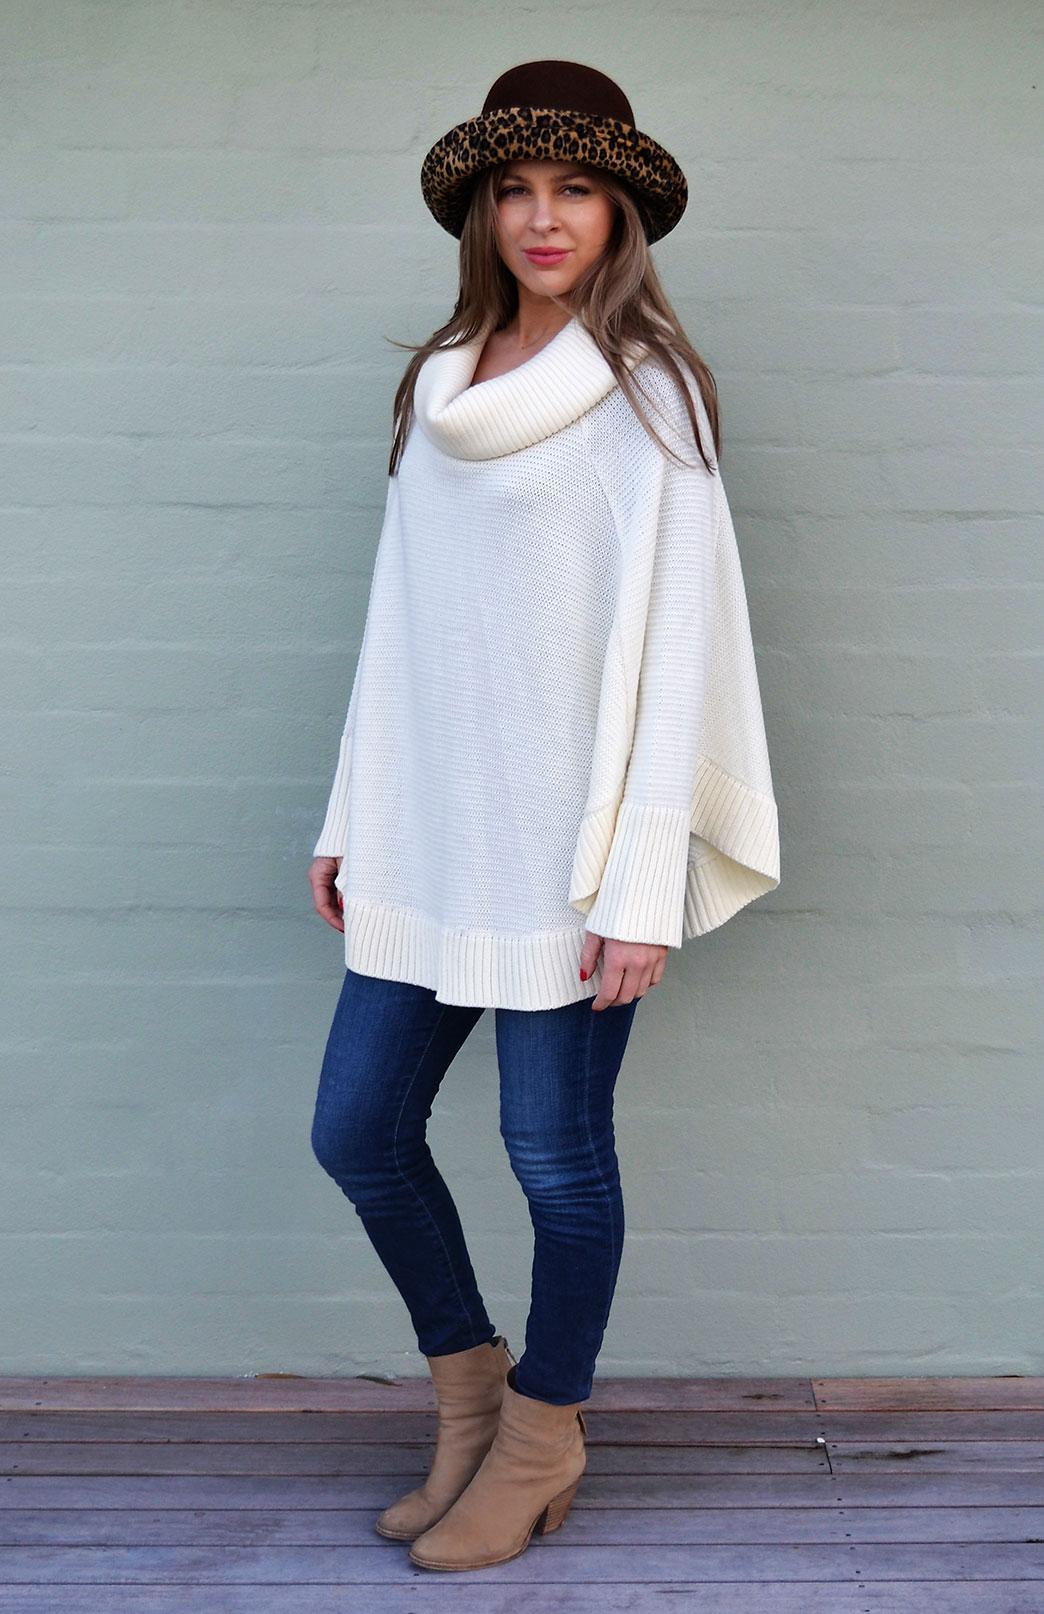 Chunky Cowl Neck Poncho with Sleeves - Women's Ivory Wool Poncho with sleeves and cowl neck line - Smitten Merino Tasmania Australia